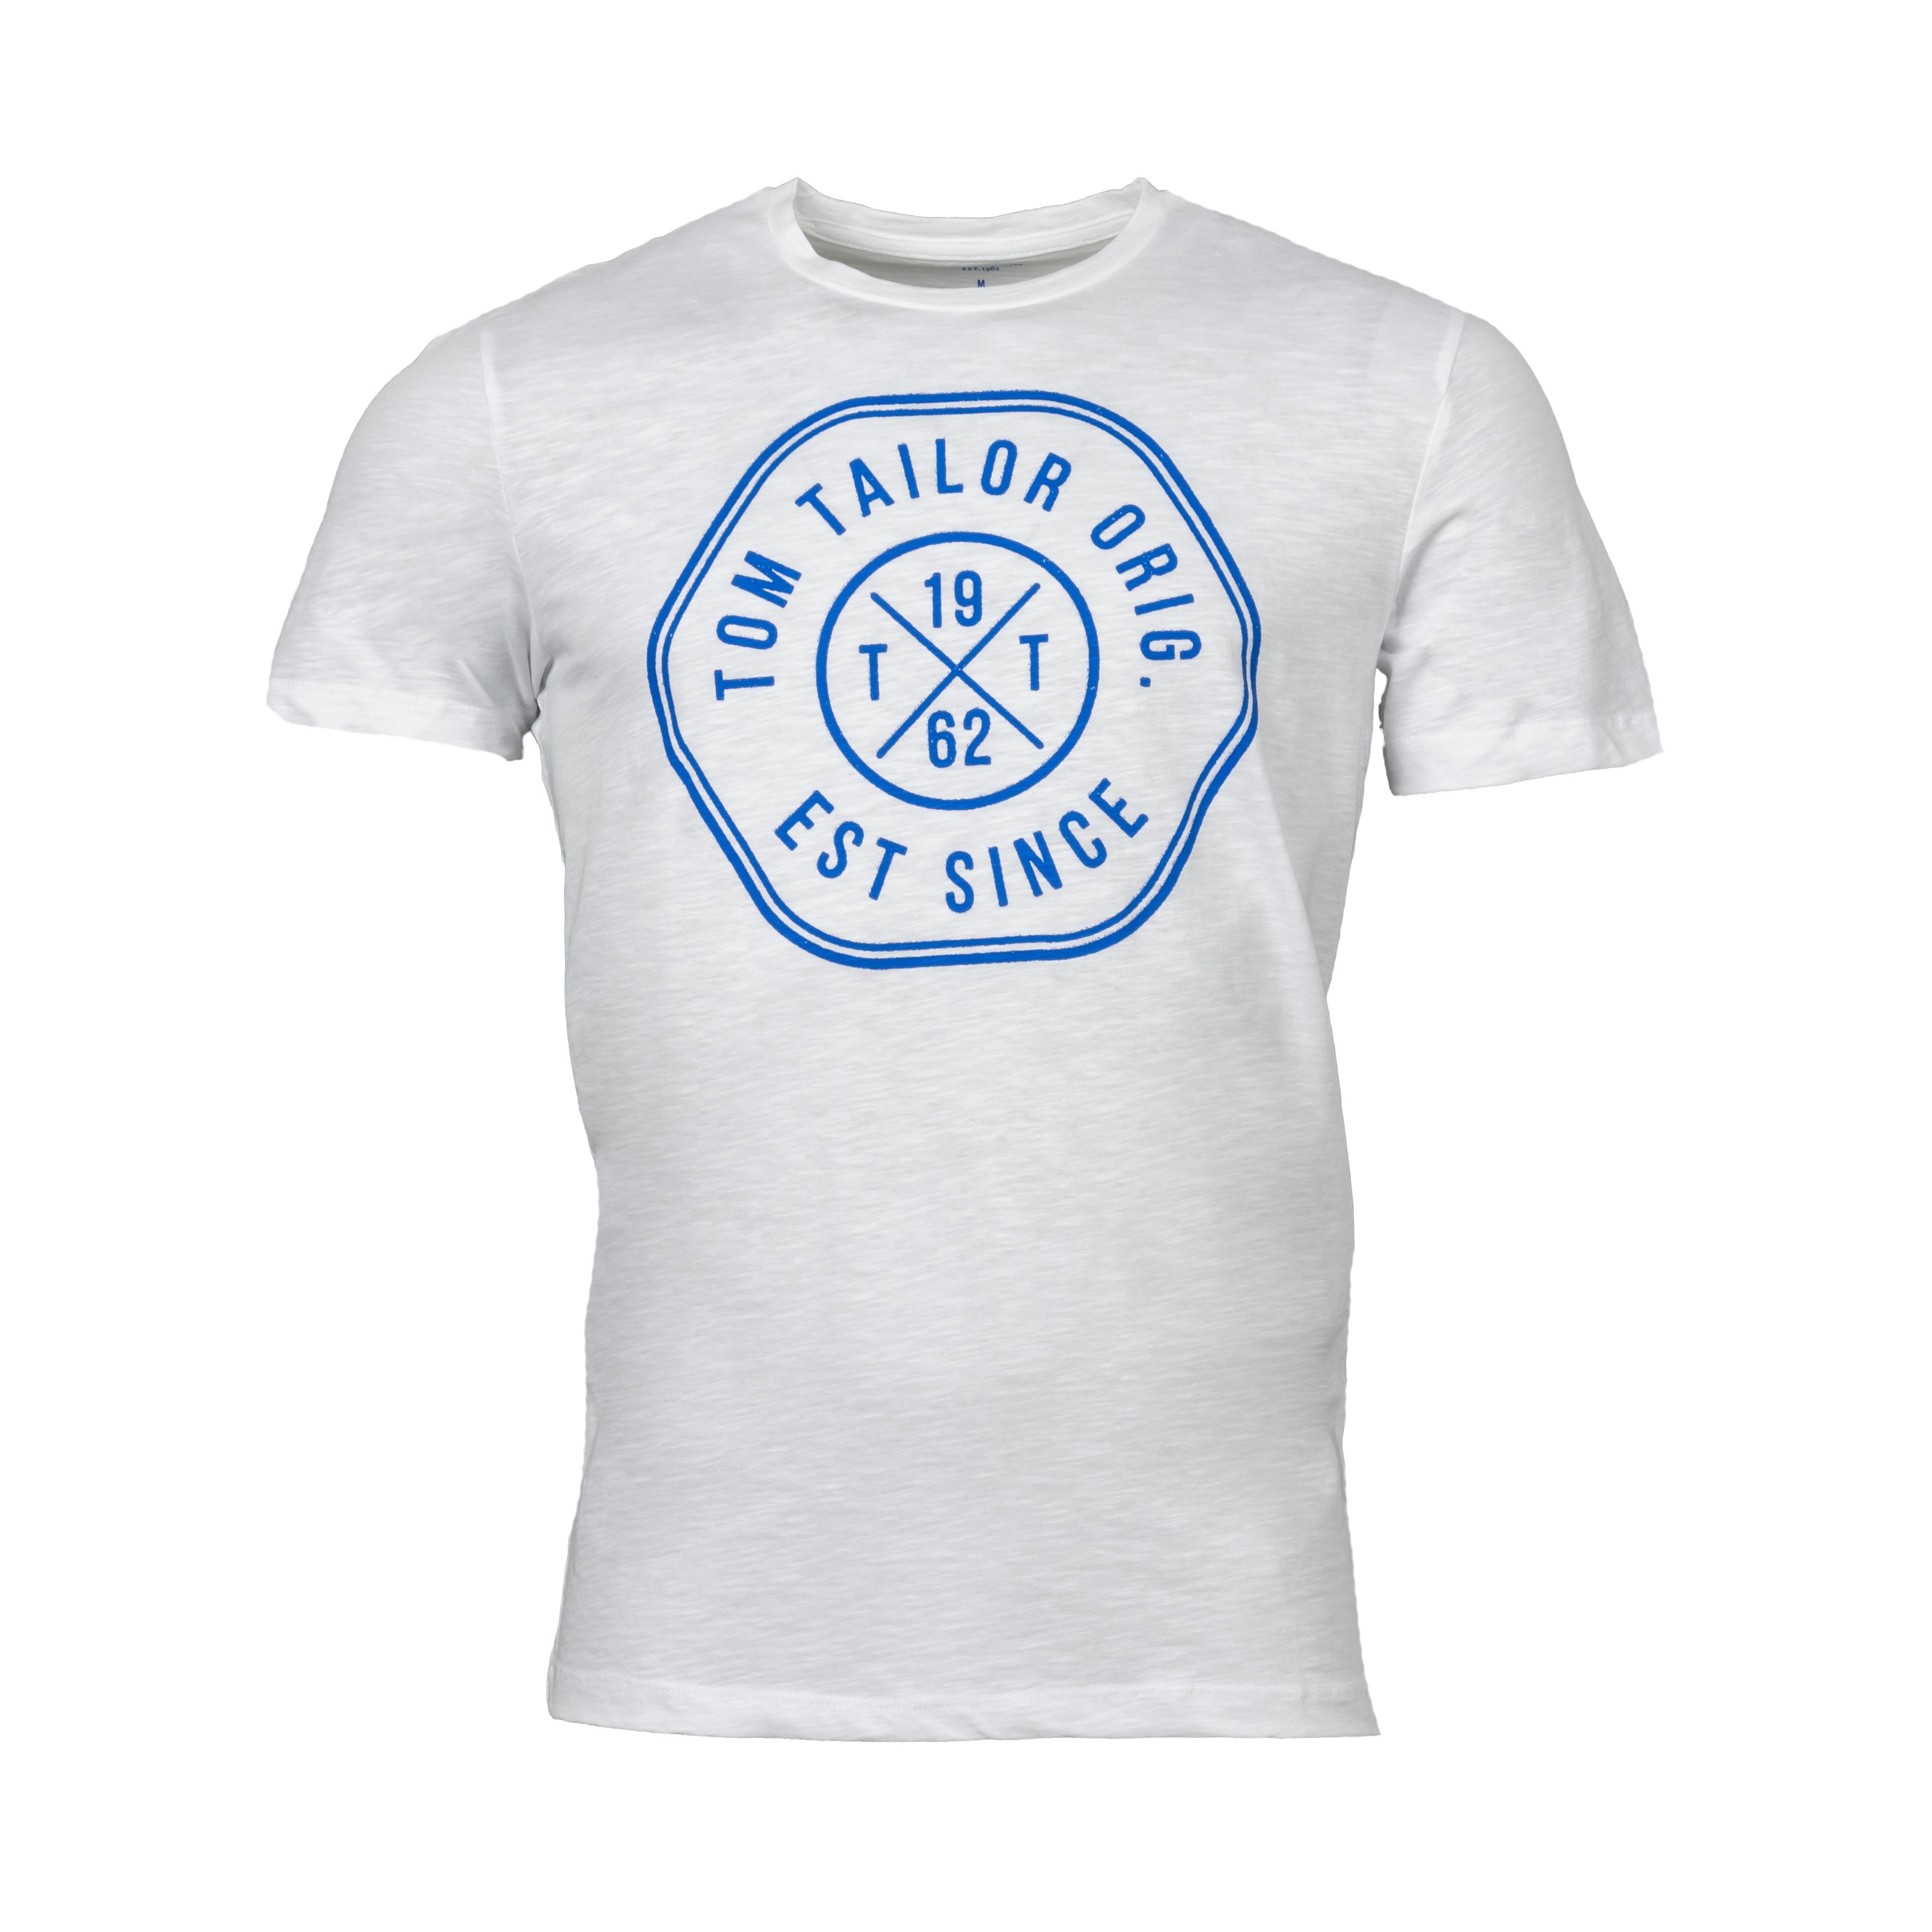 Tee-shirt  en coton blanc floqué bleu